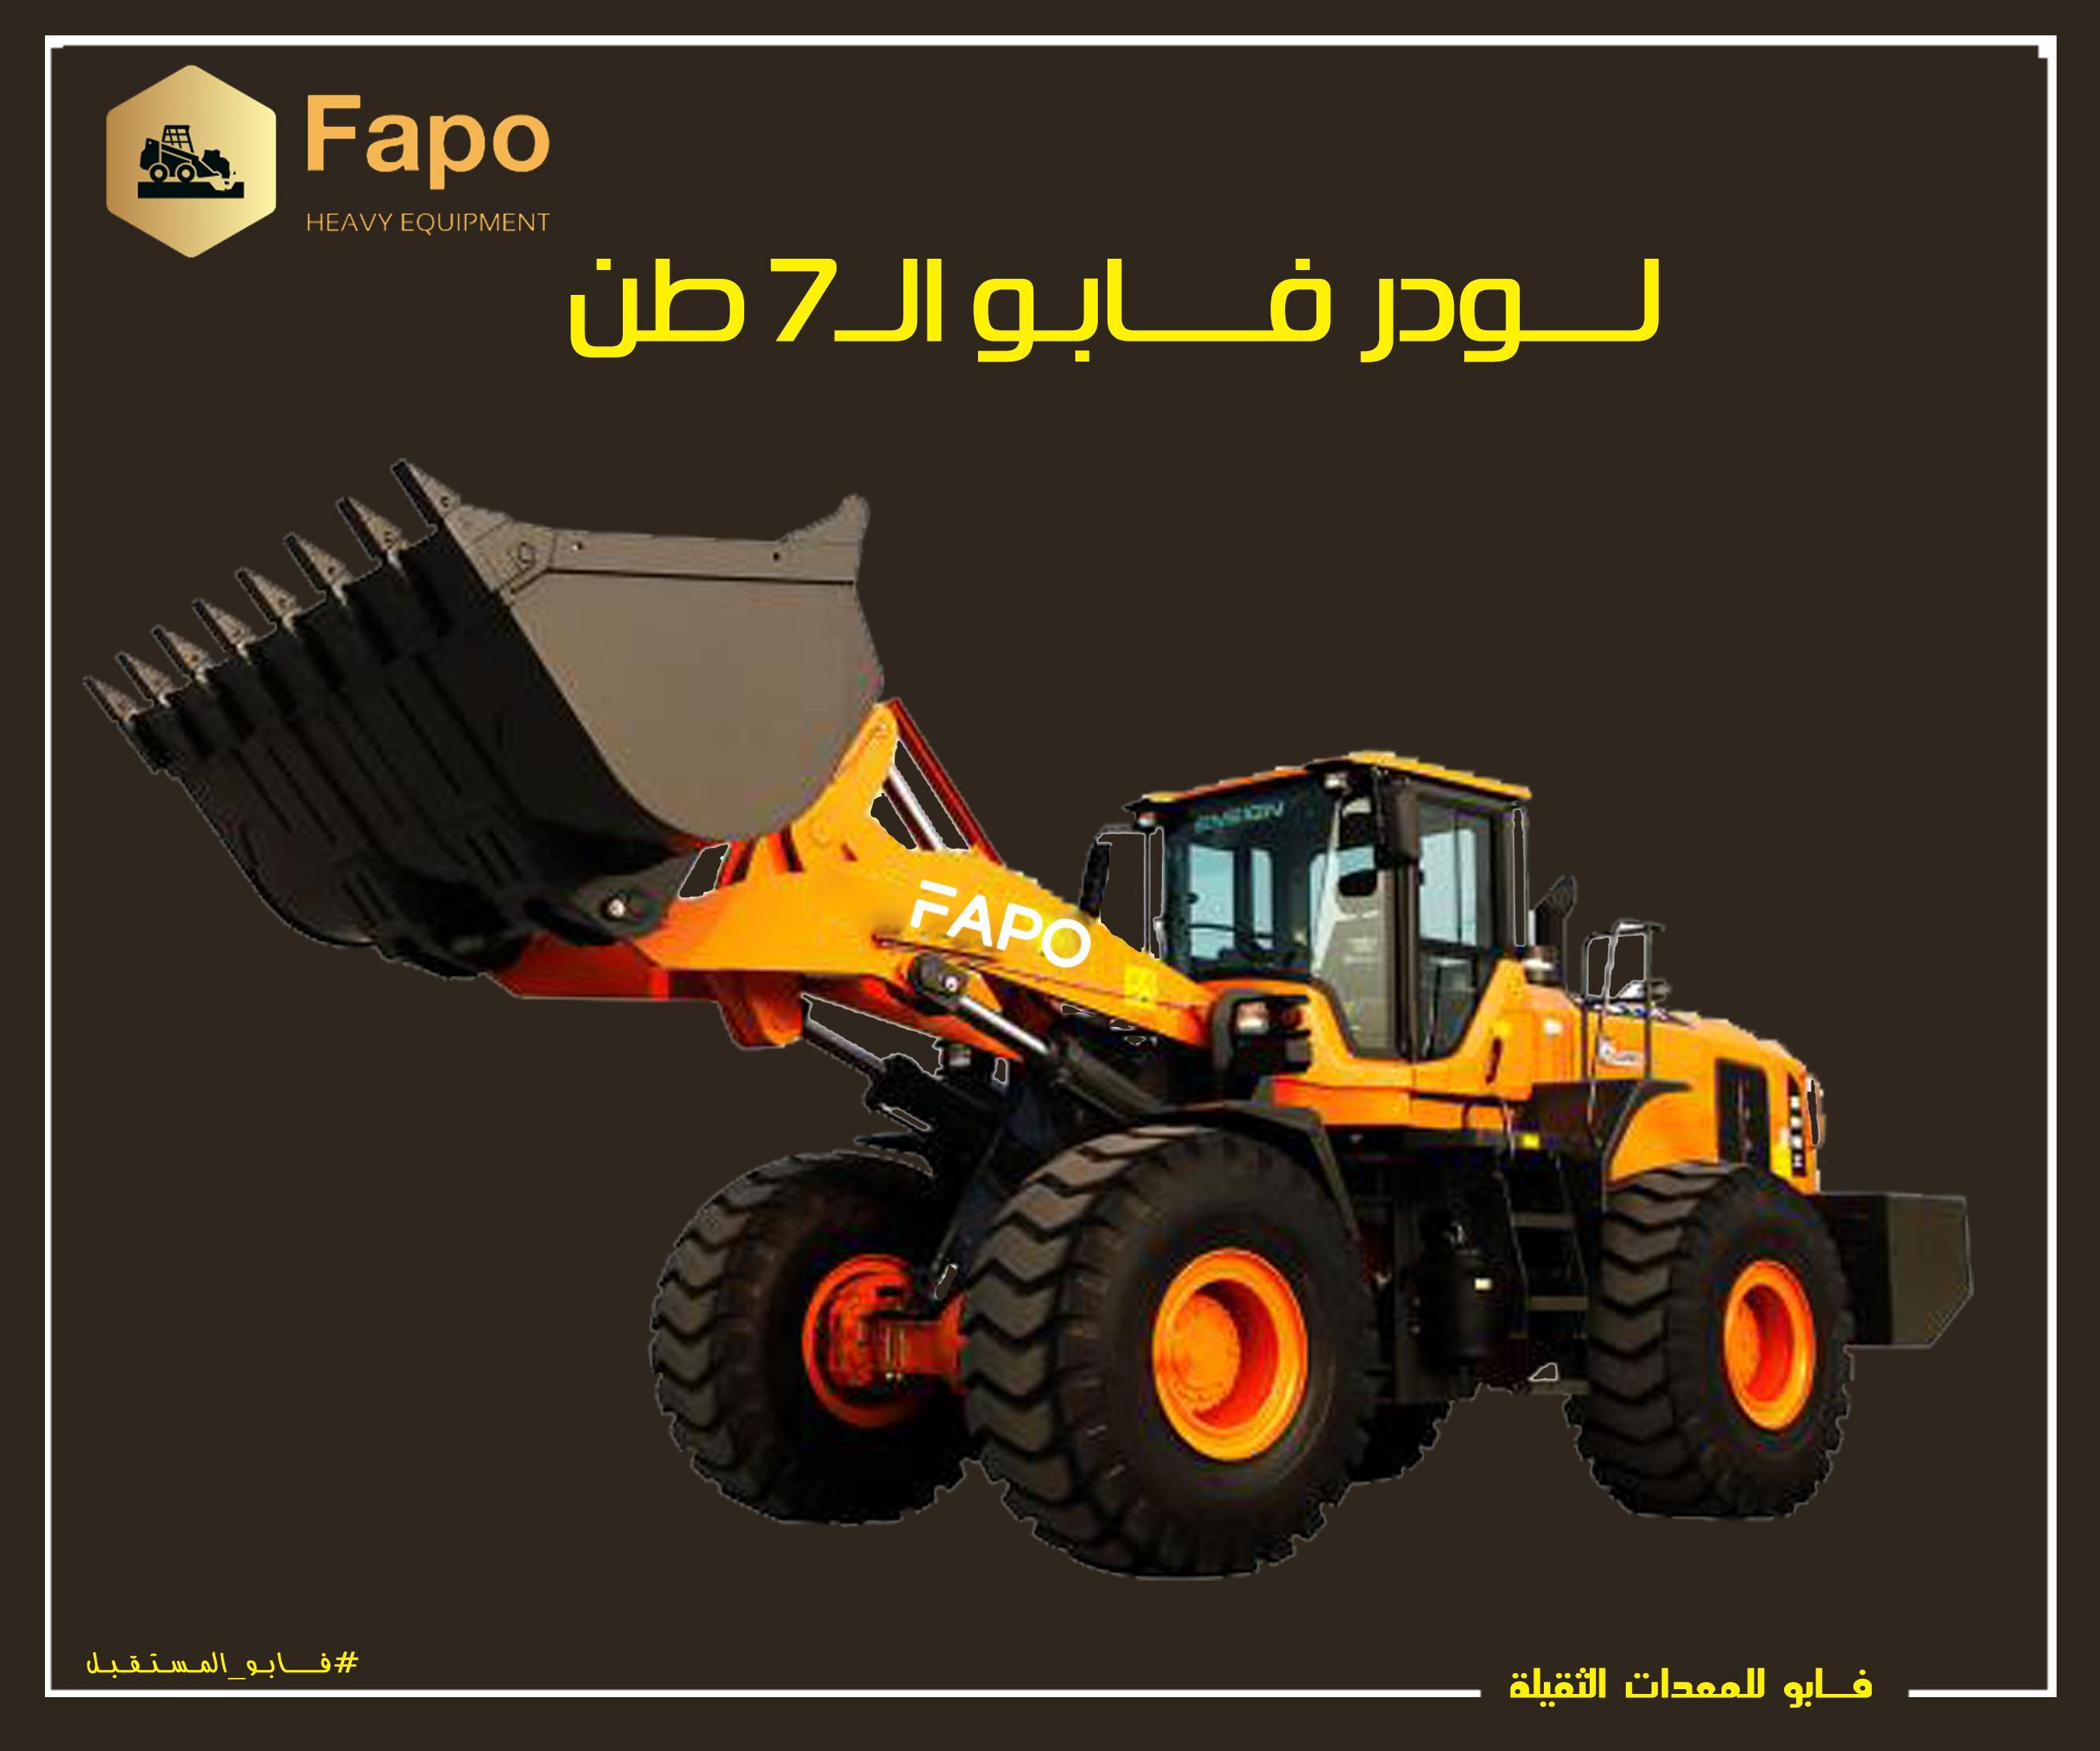 لودر فابو ال7 طن 3604-cached.jpg